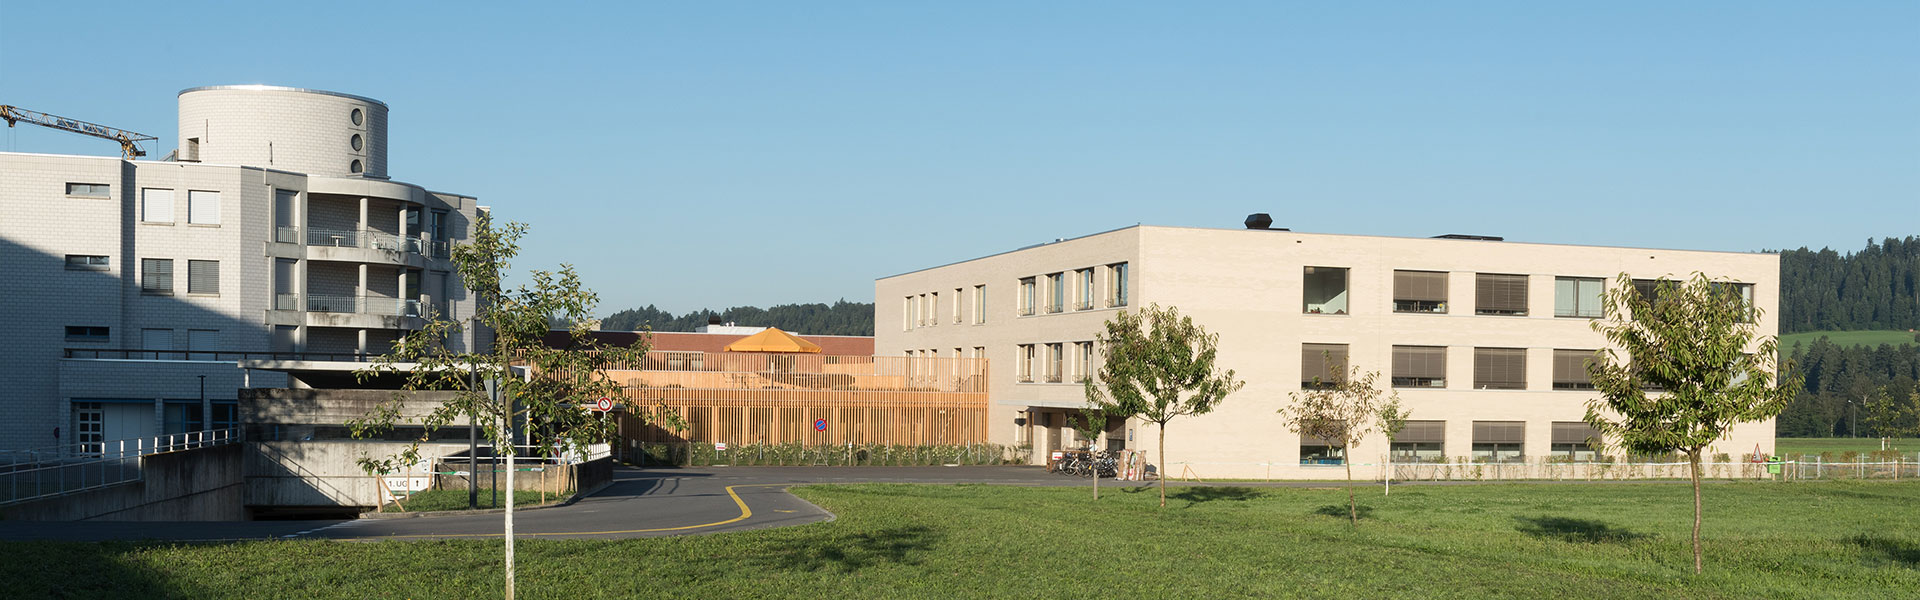 Jobs - Attraktiver Arbeitgeber - Alterszentrum Sumiswald AG